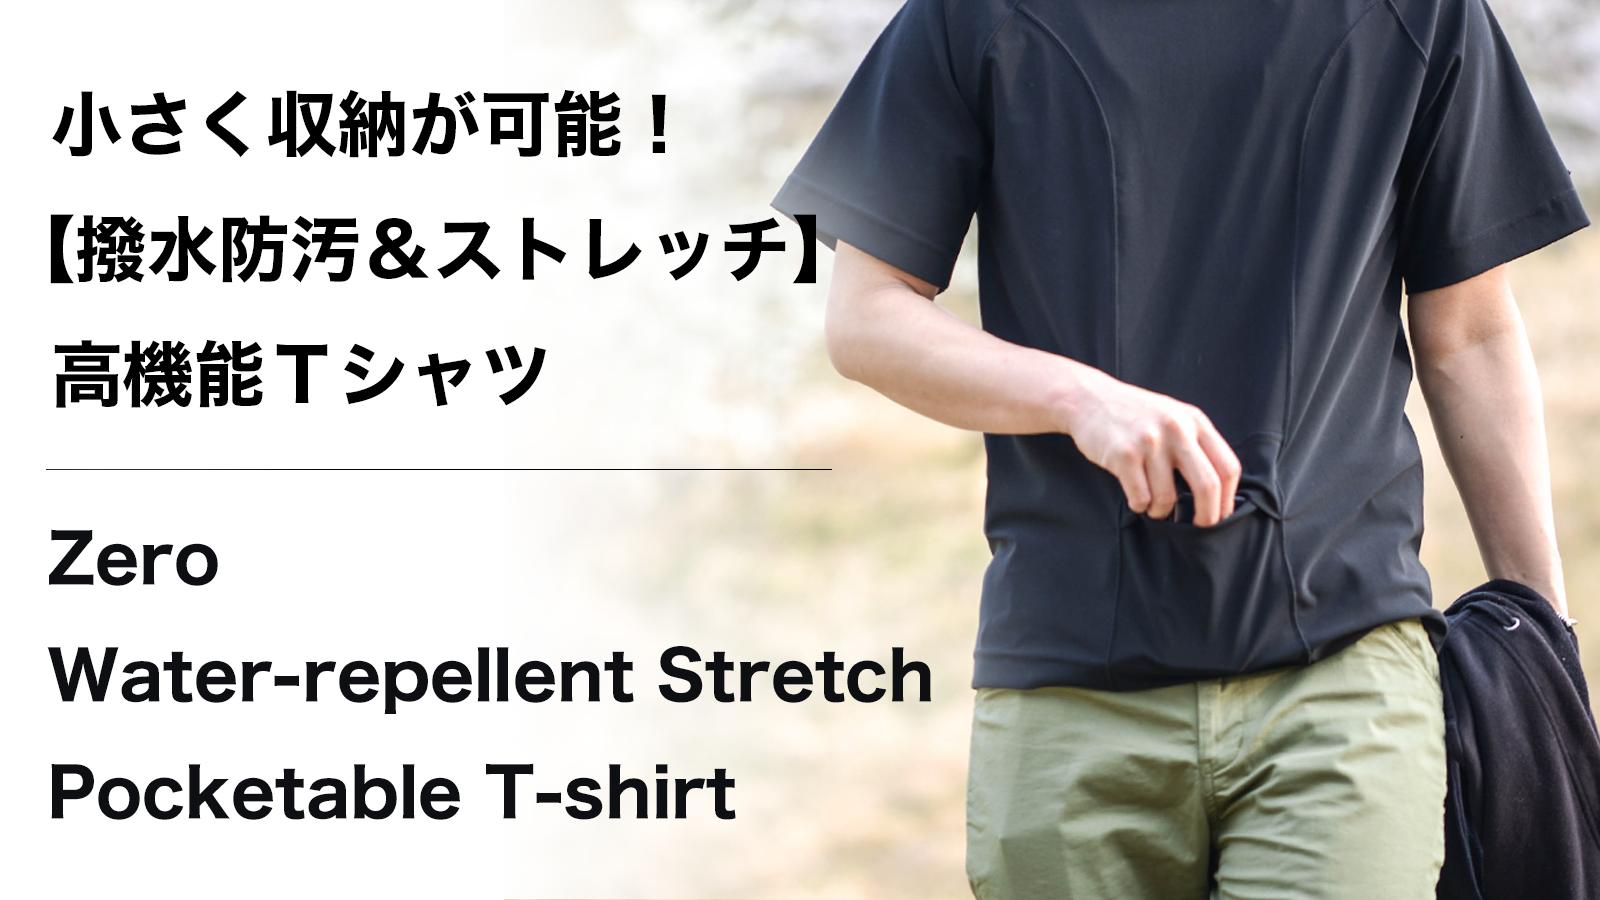 新マクアケプロジェクト始動!【優れた撥水防汚性!抜群のストレッチで動きやすい!小さく収納も可能な高機能Tシャツ】